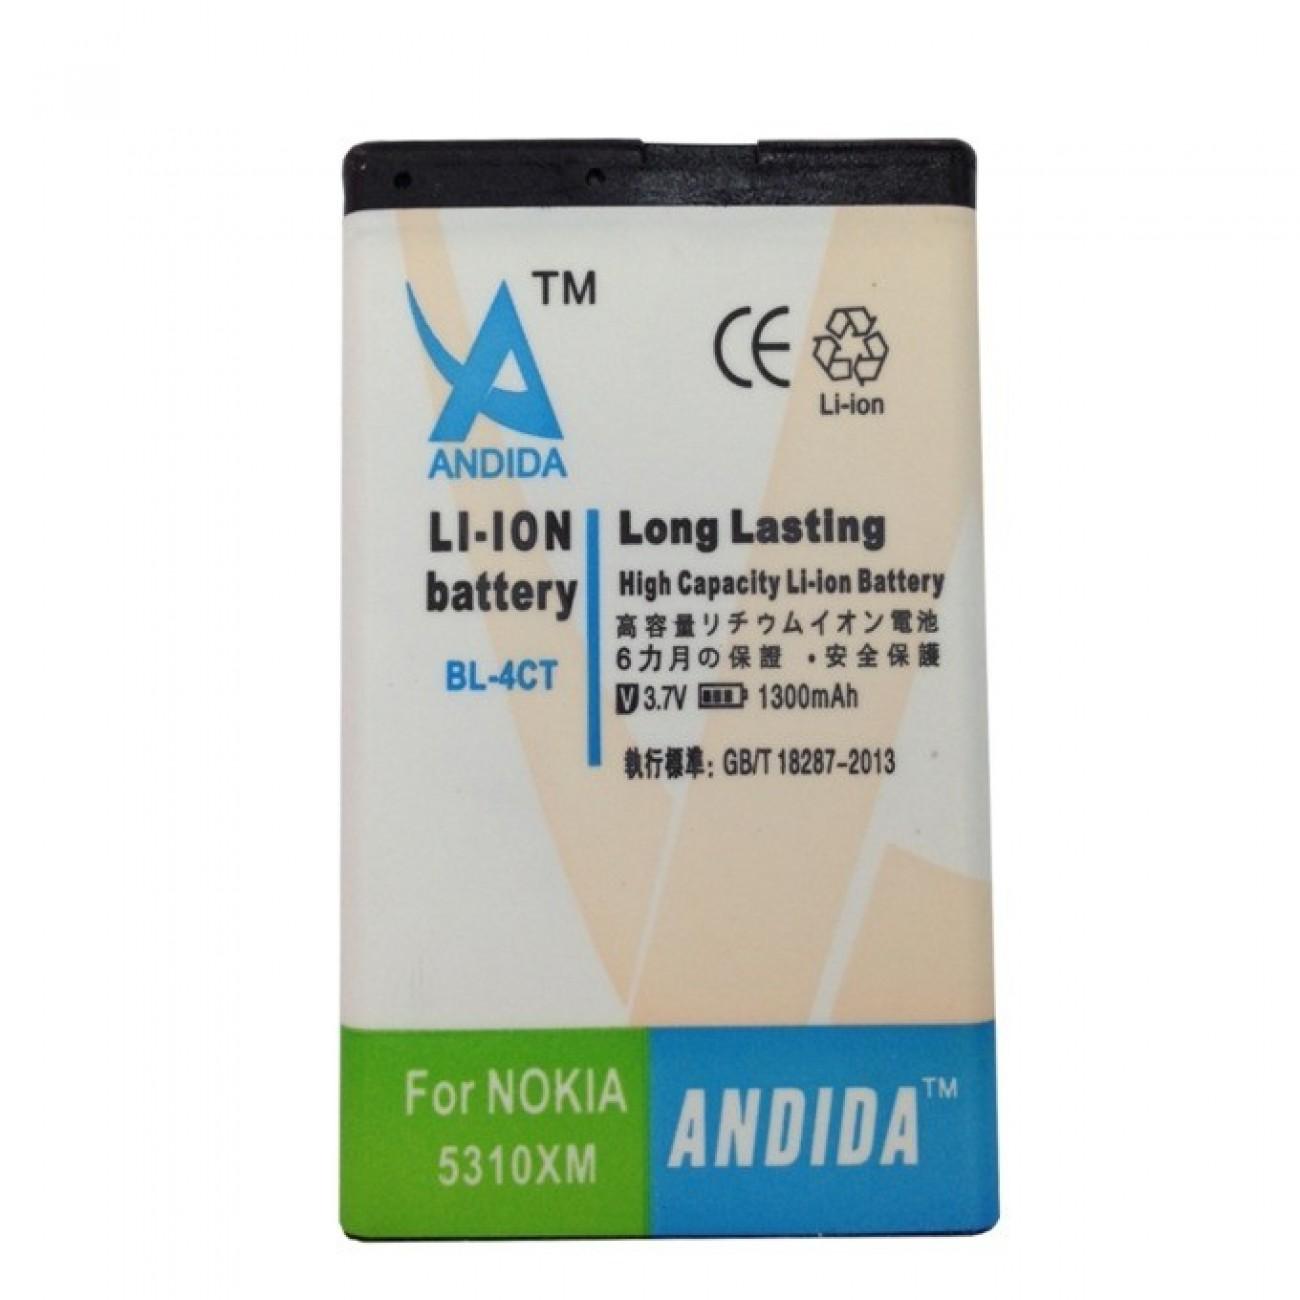 Батерия (заместител) за Nokia 5310-4CT, 1300mAh/3.7V в Батерии за Телефони, Таблети -  | Alleop